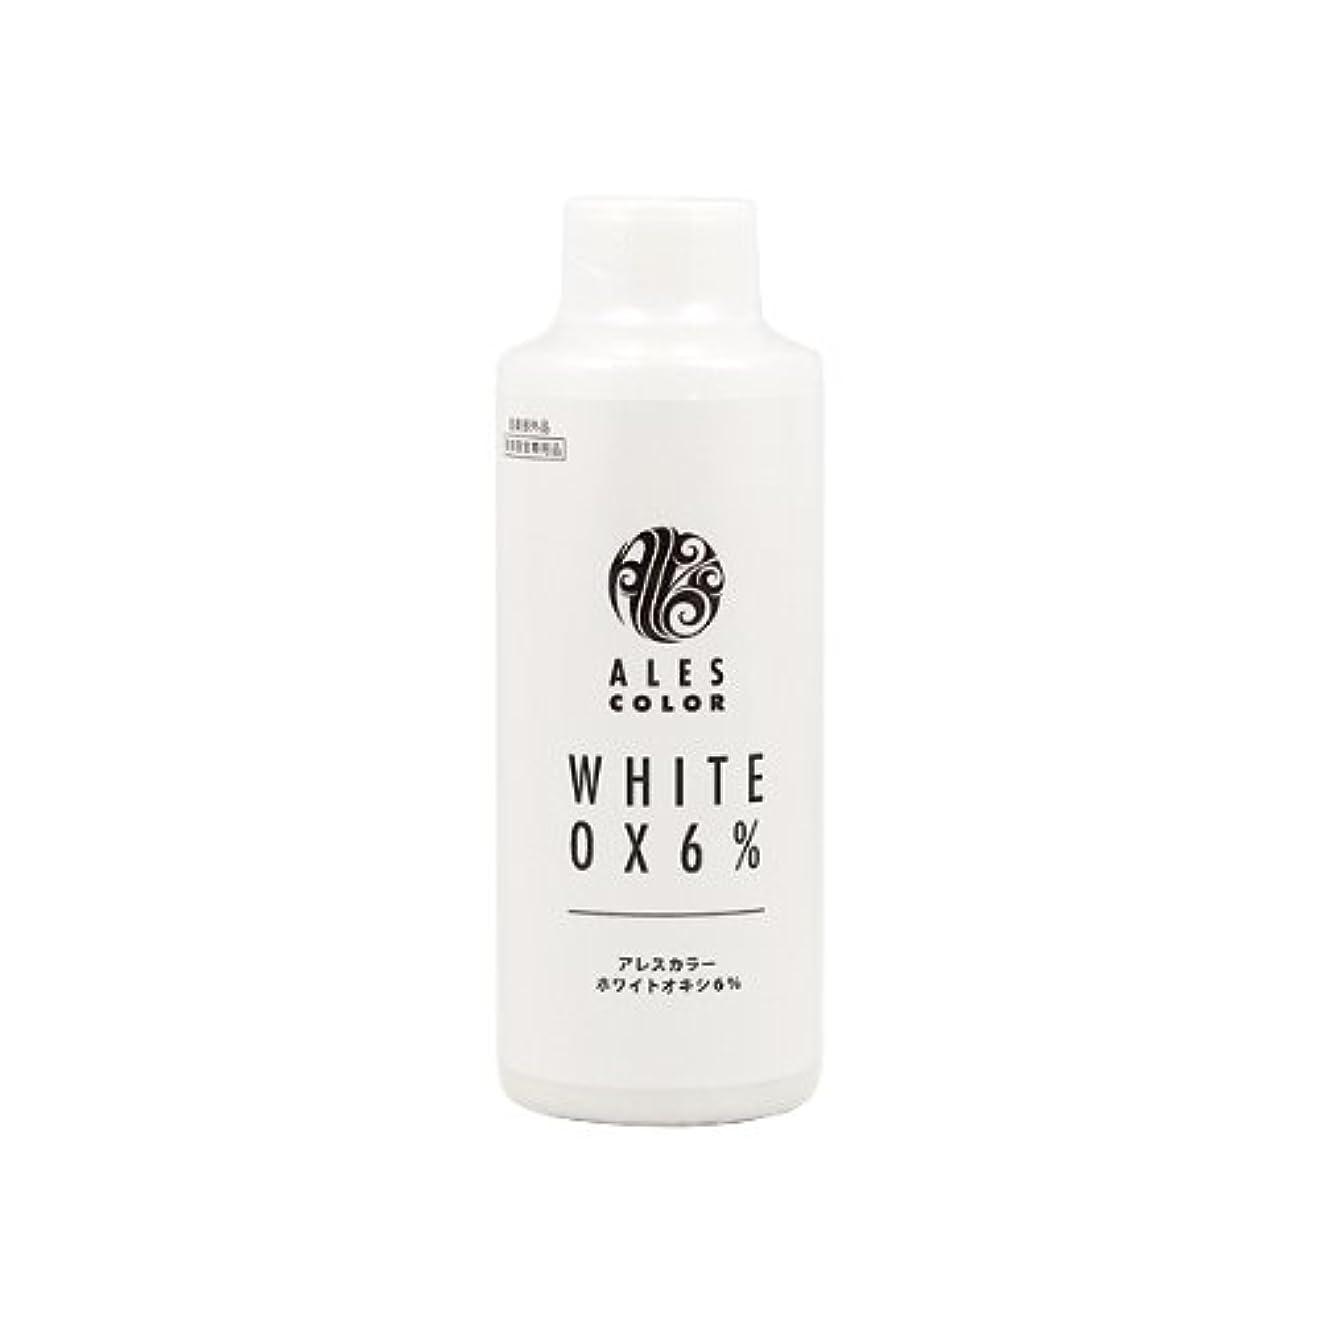 おとなしい式非行アレスインターナショナル アレスカラー ホワイトオキシ6% 120ml